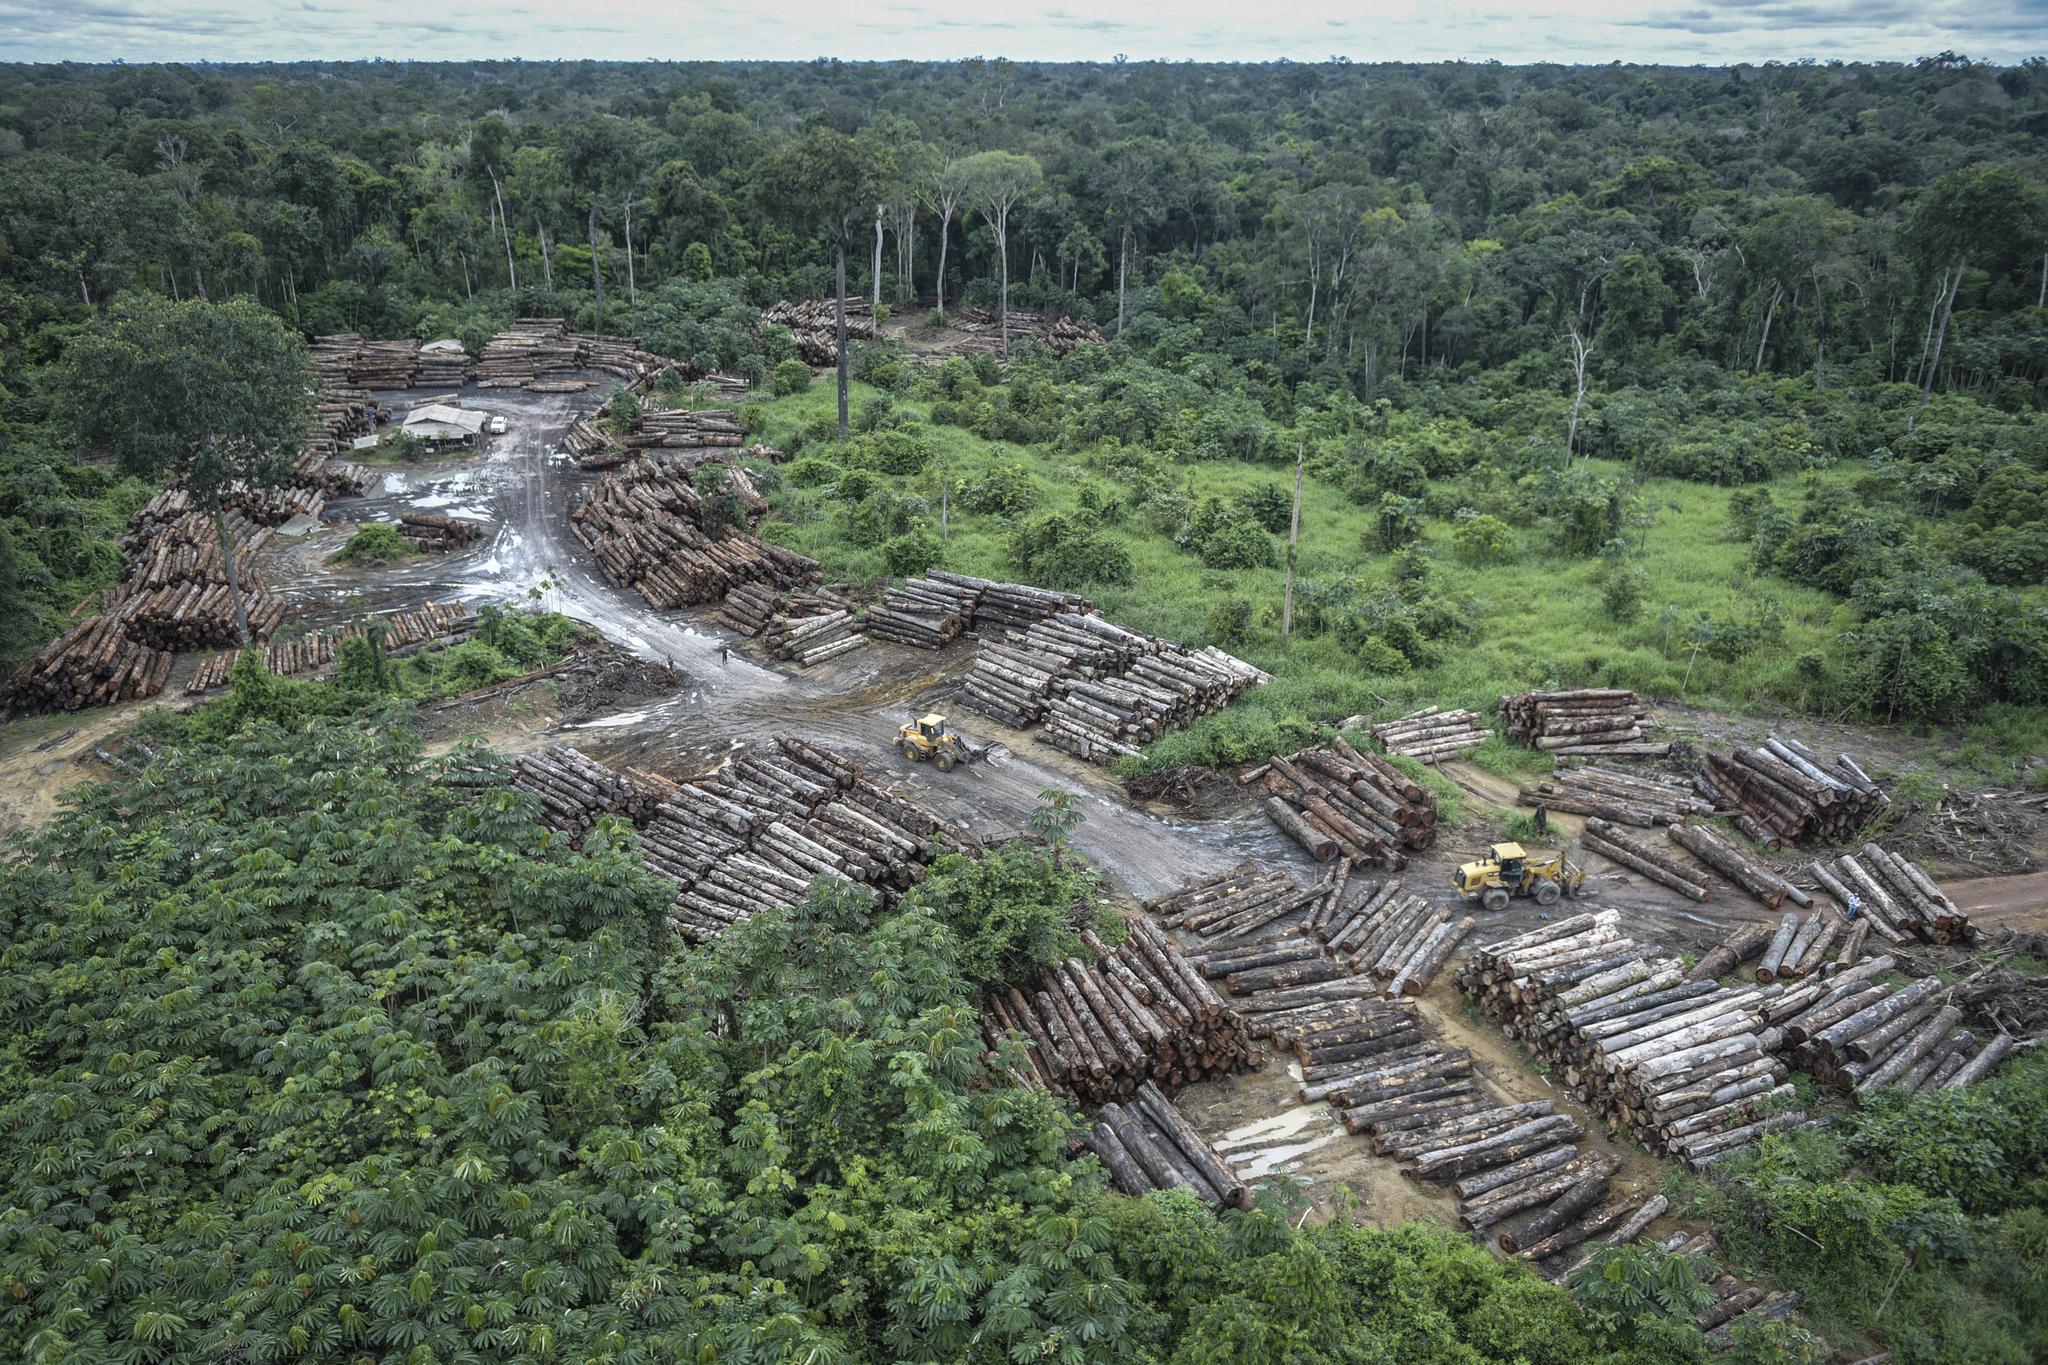 브라질 아마존 지역의 로라이마 주에서 진행되는 불법 벌목. 브라질의 환경연구소인 이바마(Ibama)가 촬영한 사진이다. [AP=연합]